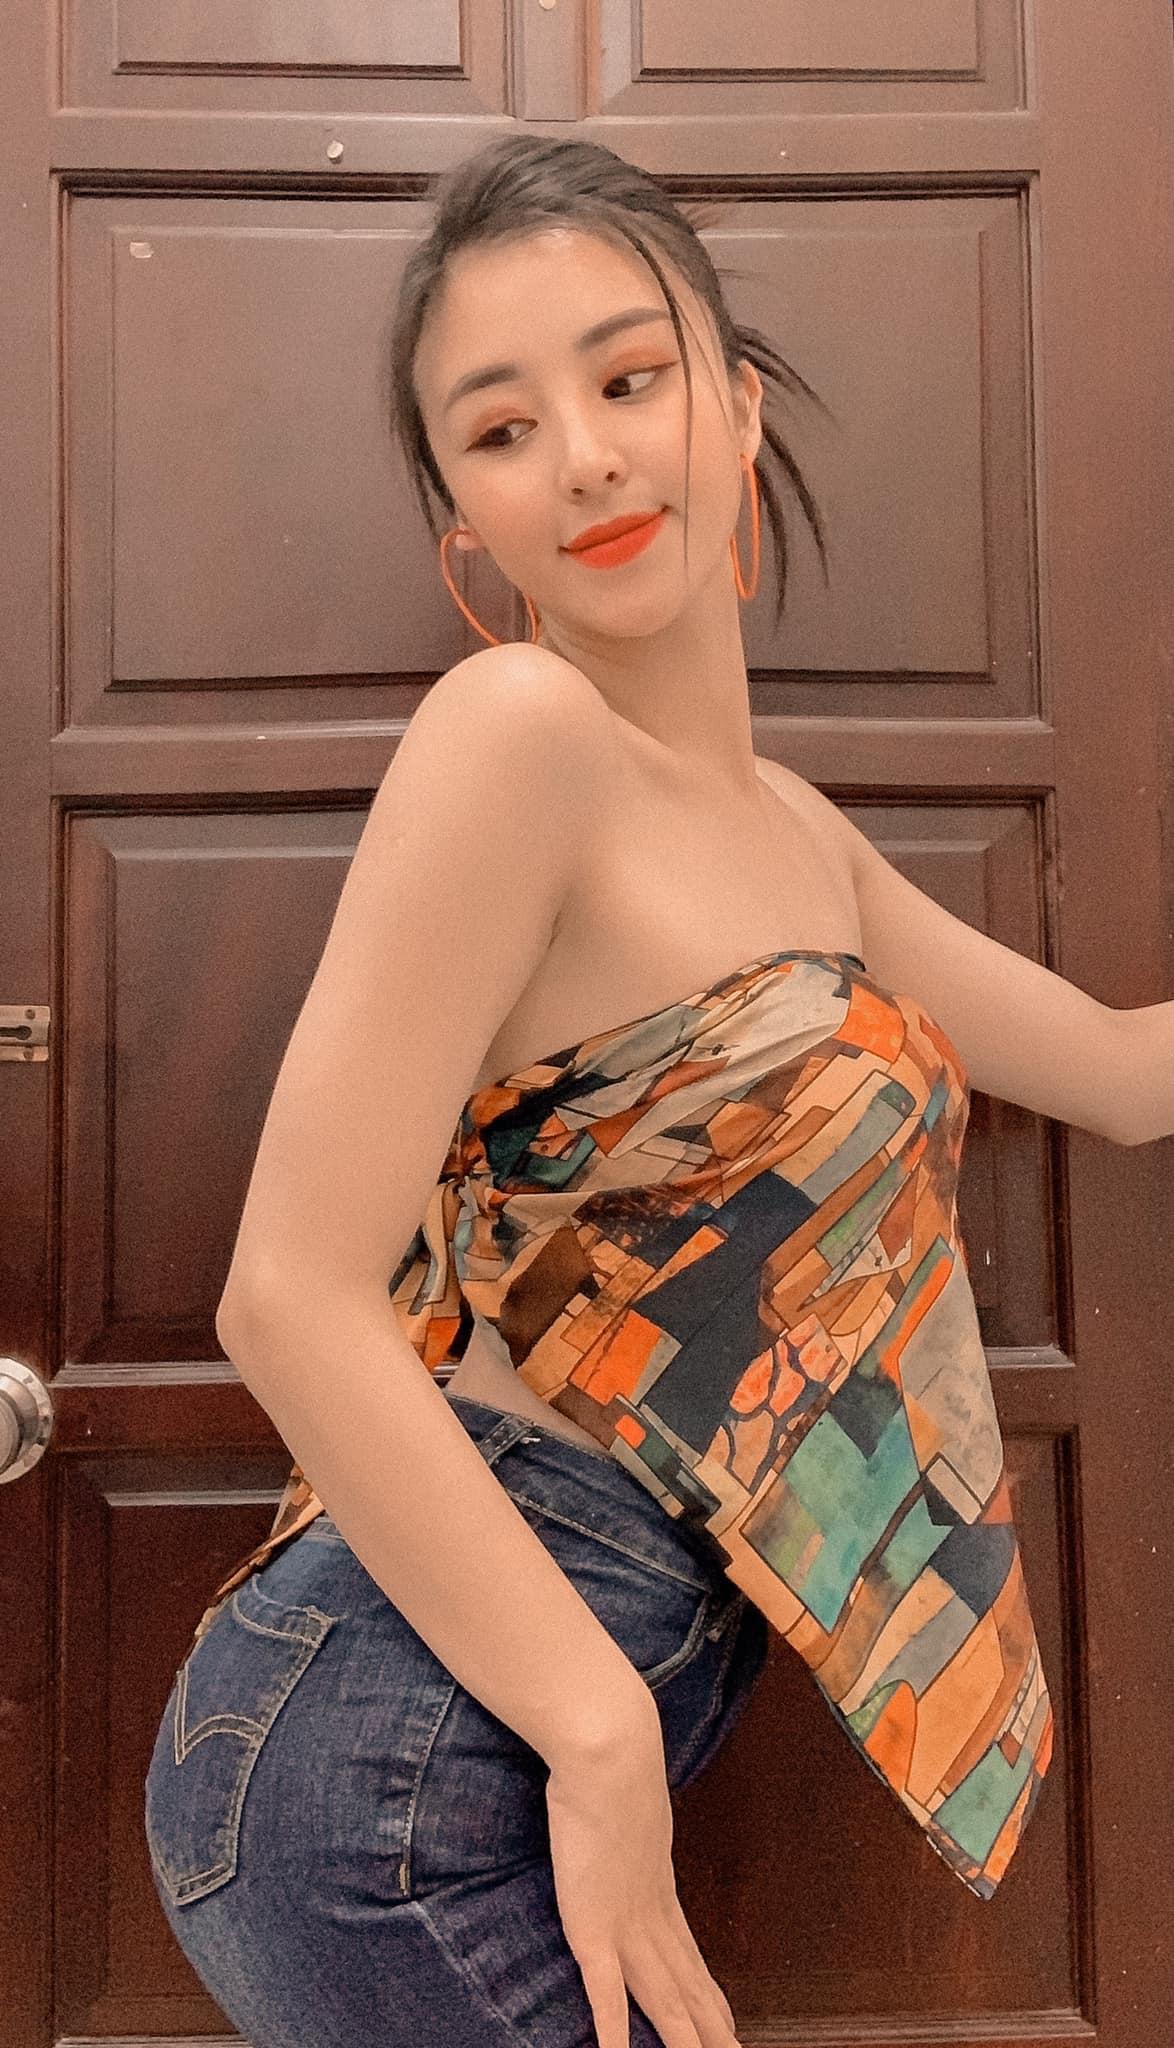 Một vài hình ảnh khác của 'hotgirl bánh tráng trộn' trên trang Facebook cá nhân của mình